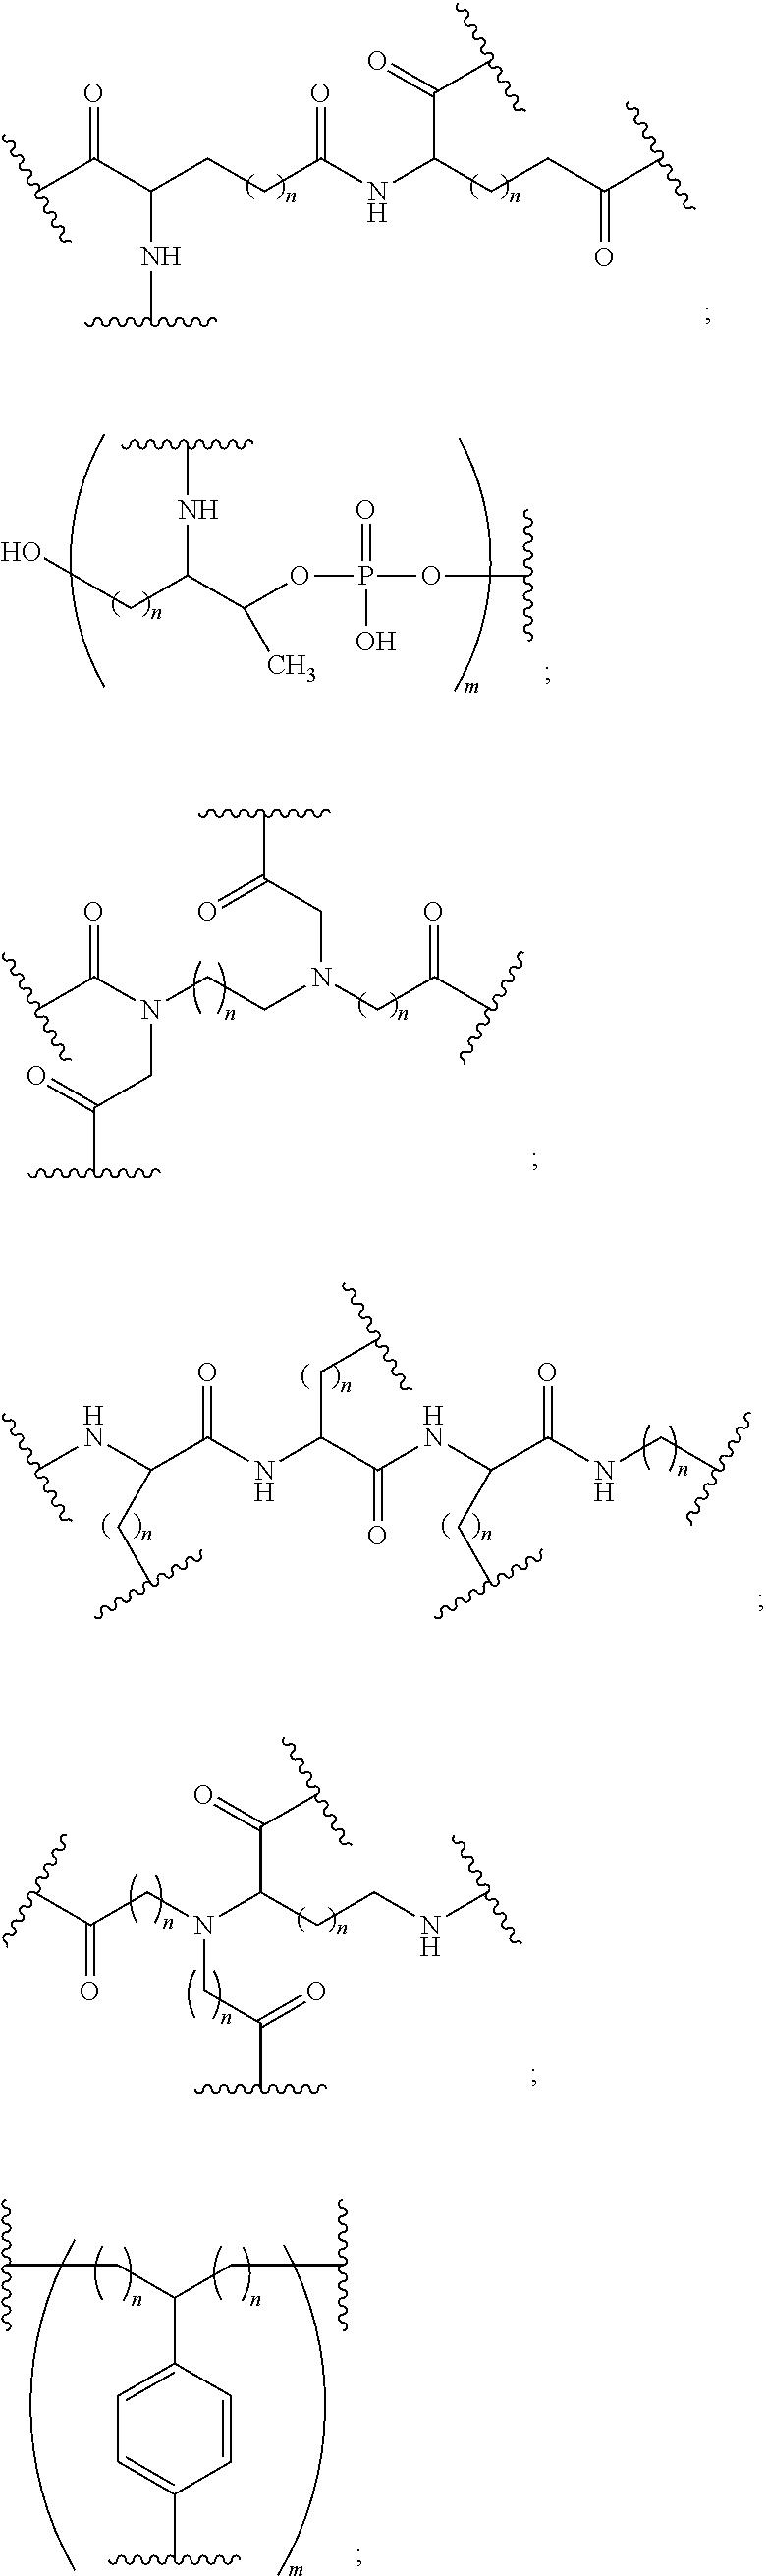 Figure US09932581-20180403-C00167